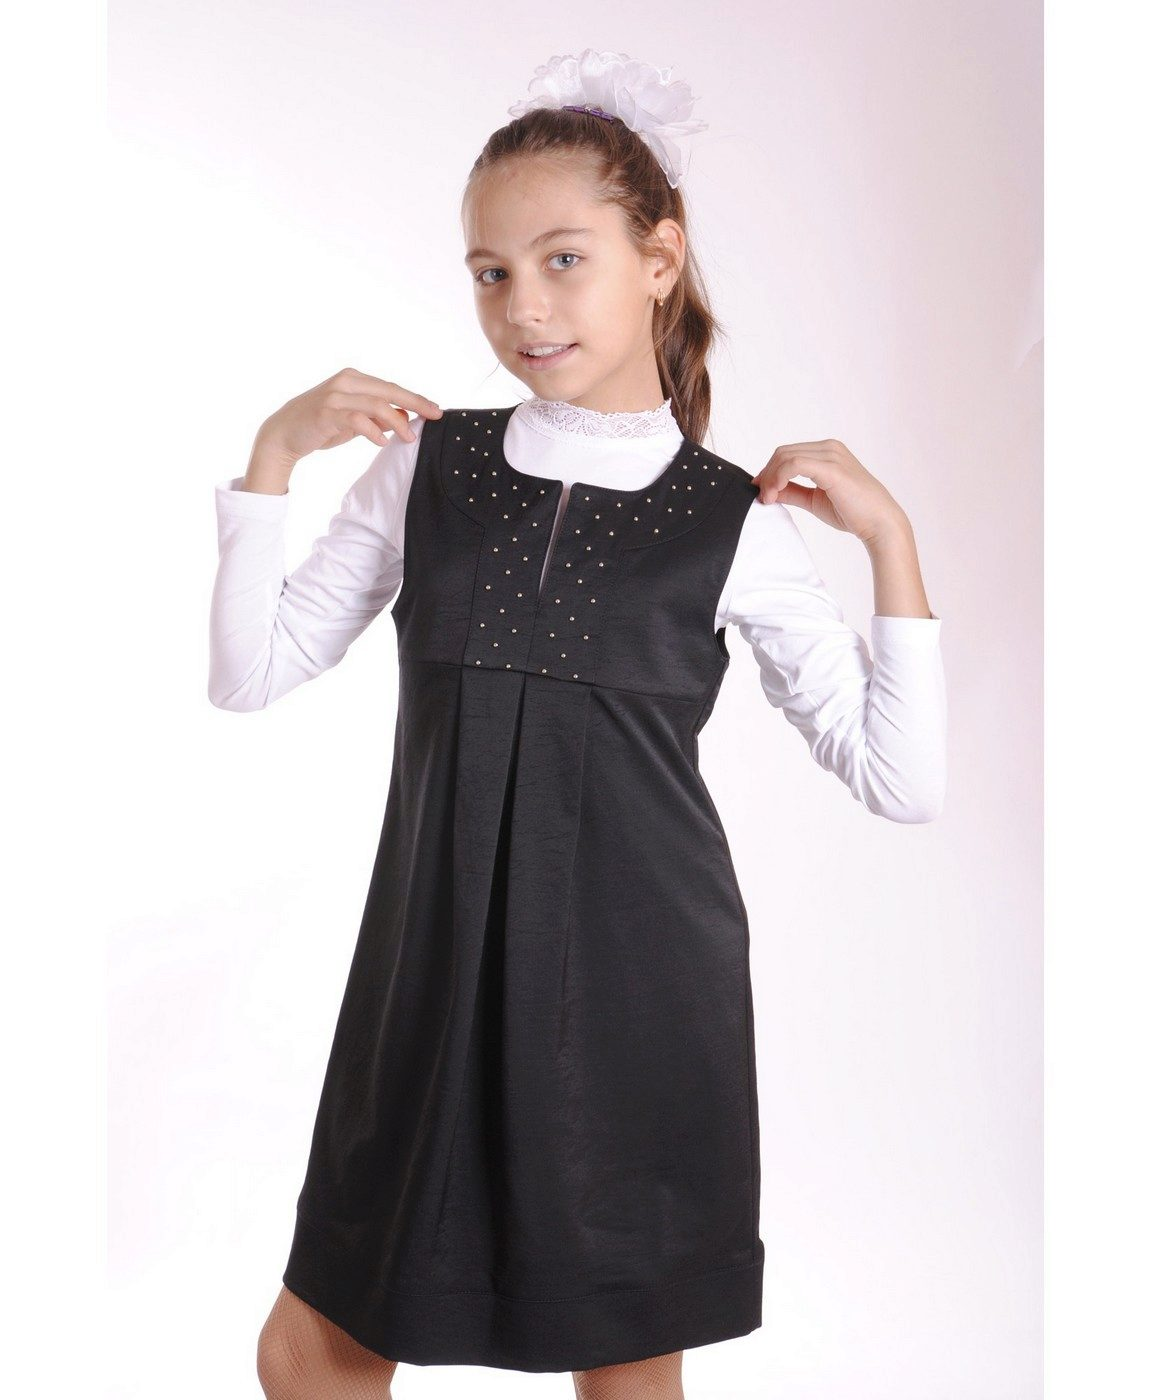 Школьные сарафаны для девочек 7 лет сшить 836